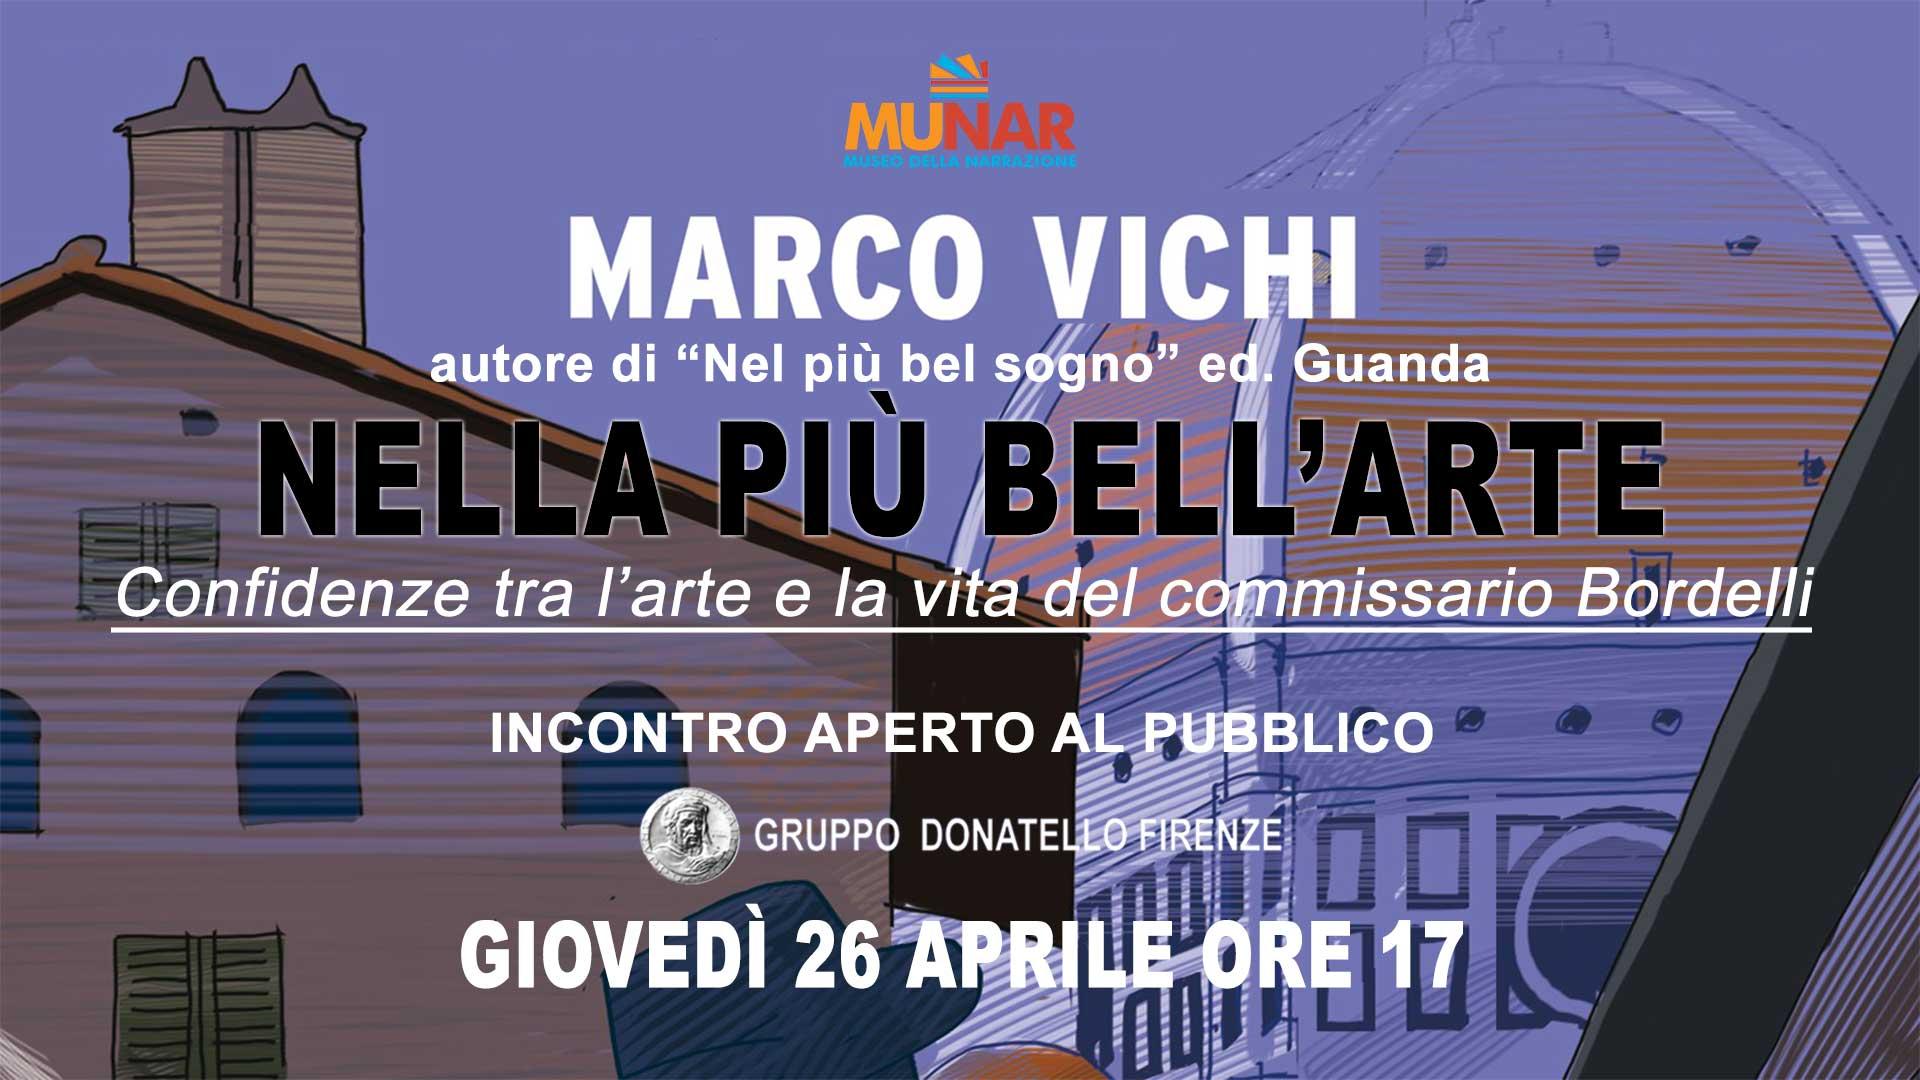 Nella più bell'arte con Marco Vichi